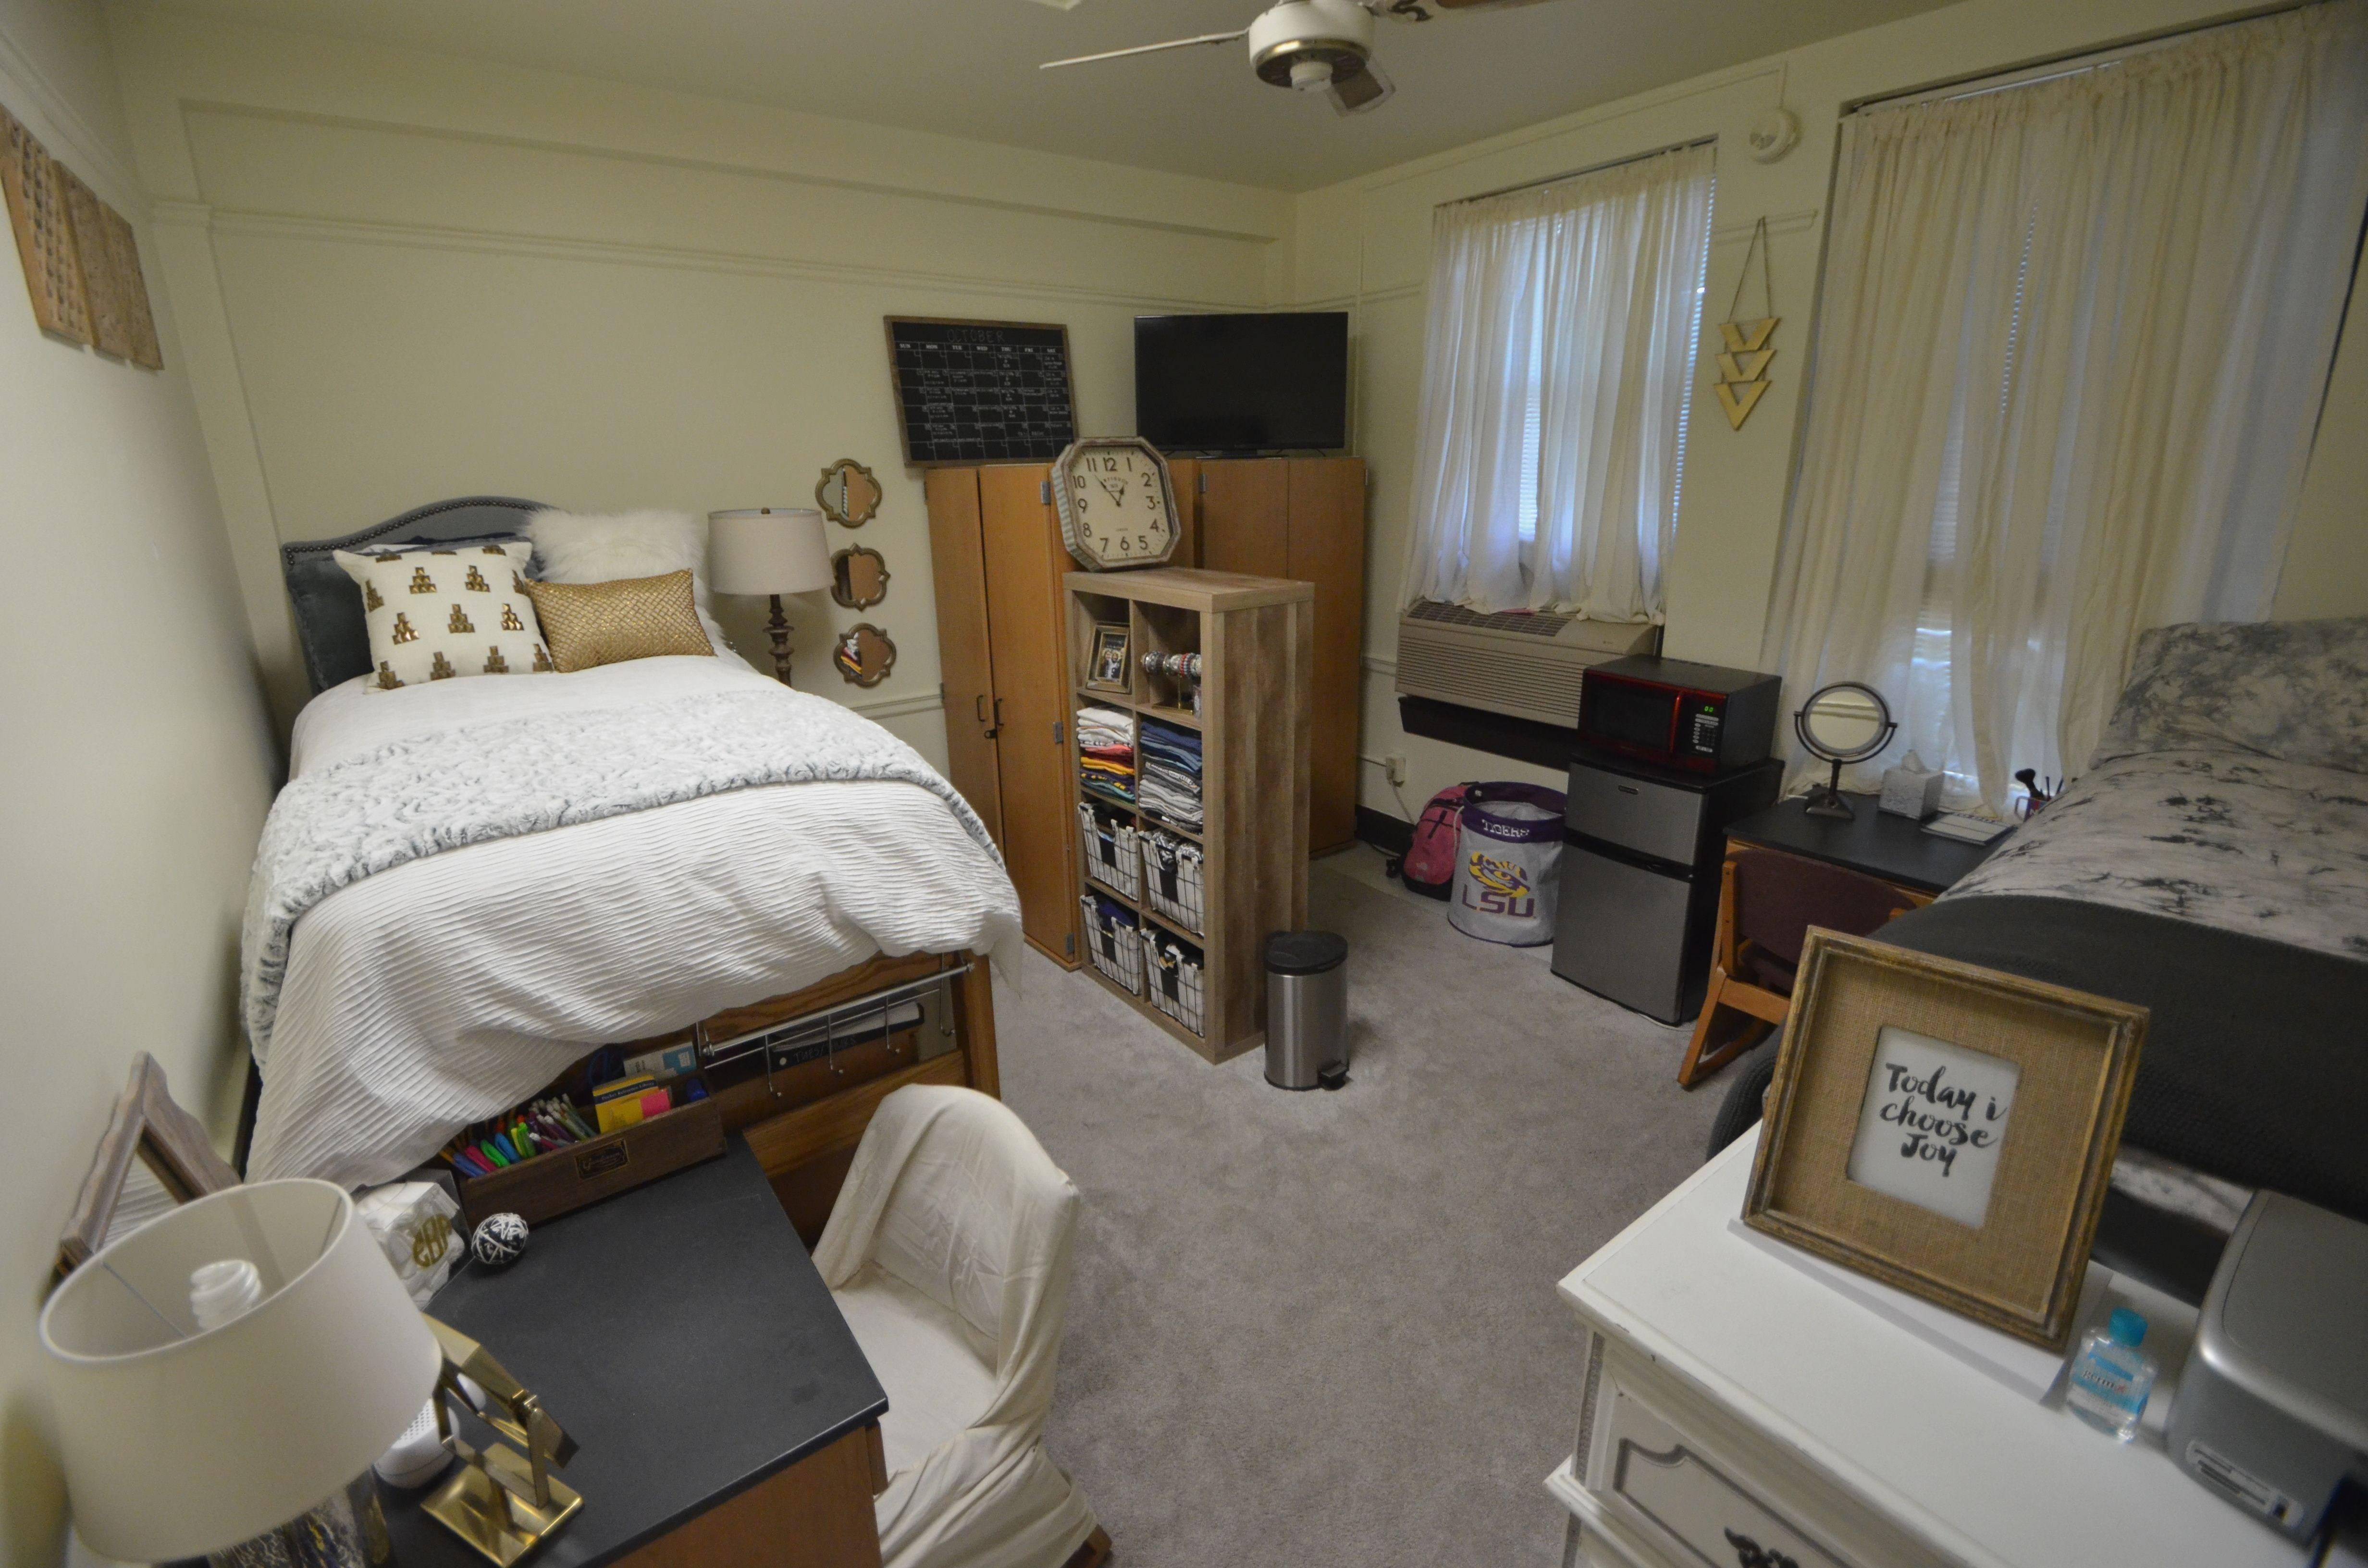 master bedroom ceiling decor lovely lovely interior bedroom home design and interior design of master bedroom ceiling decor